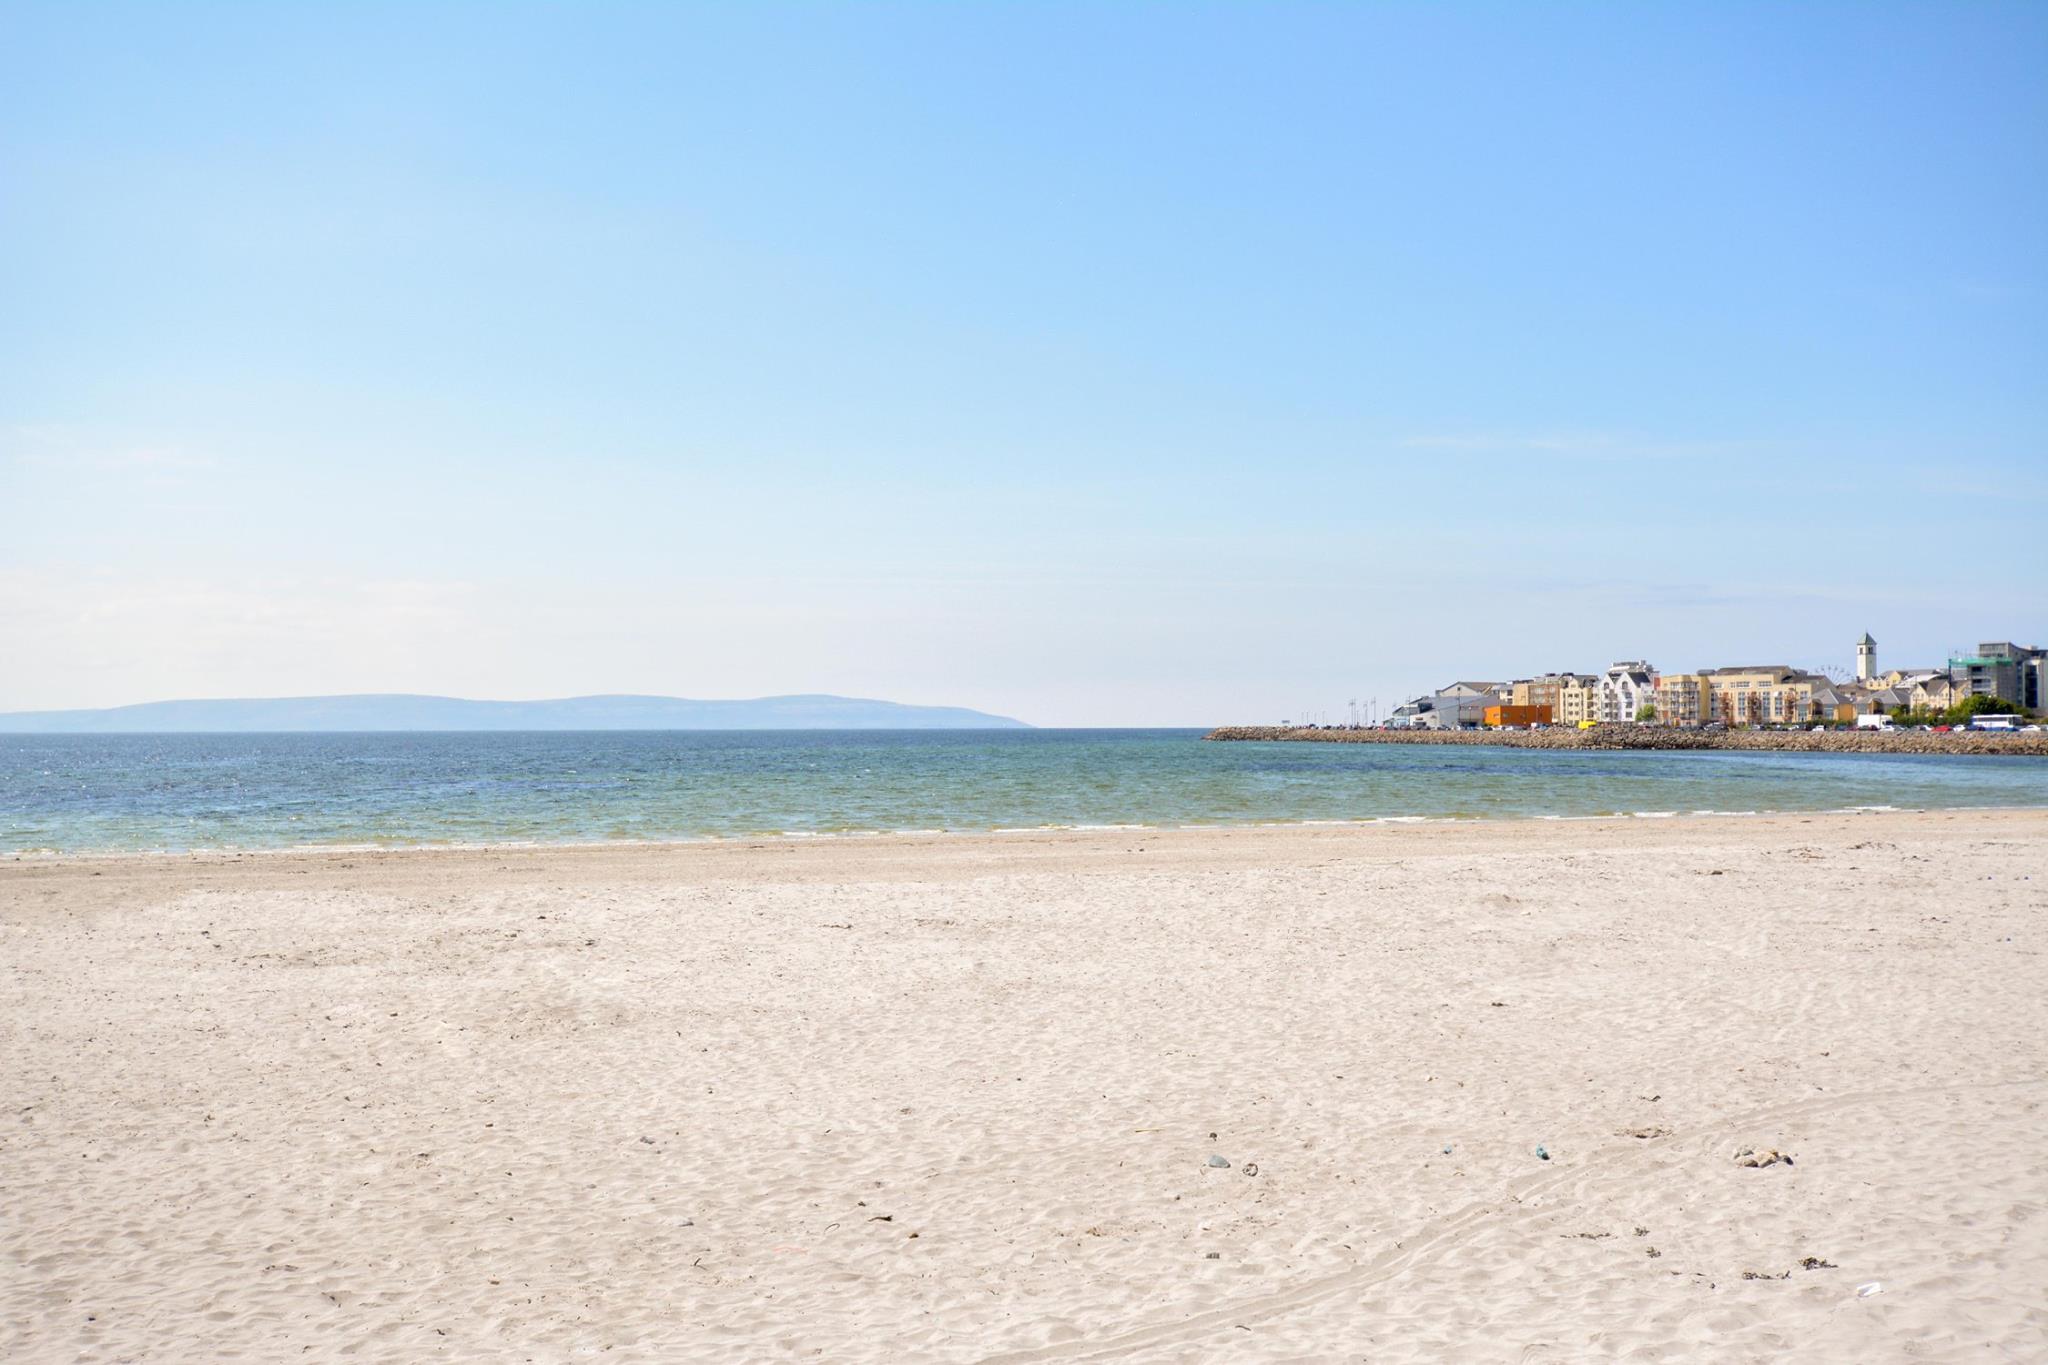 Grattan Beach Sandy Beach - Visit Galway